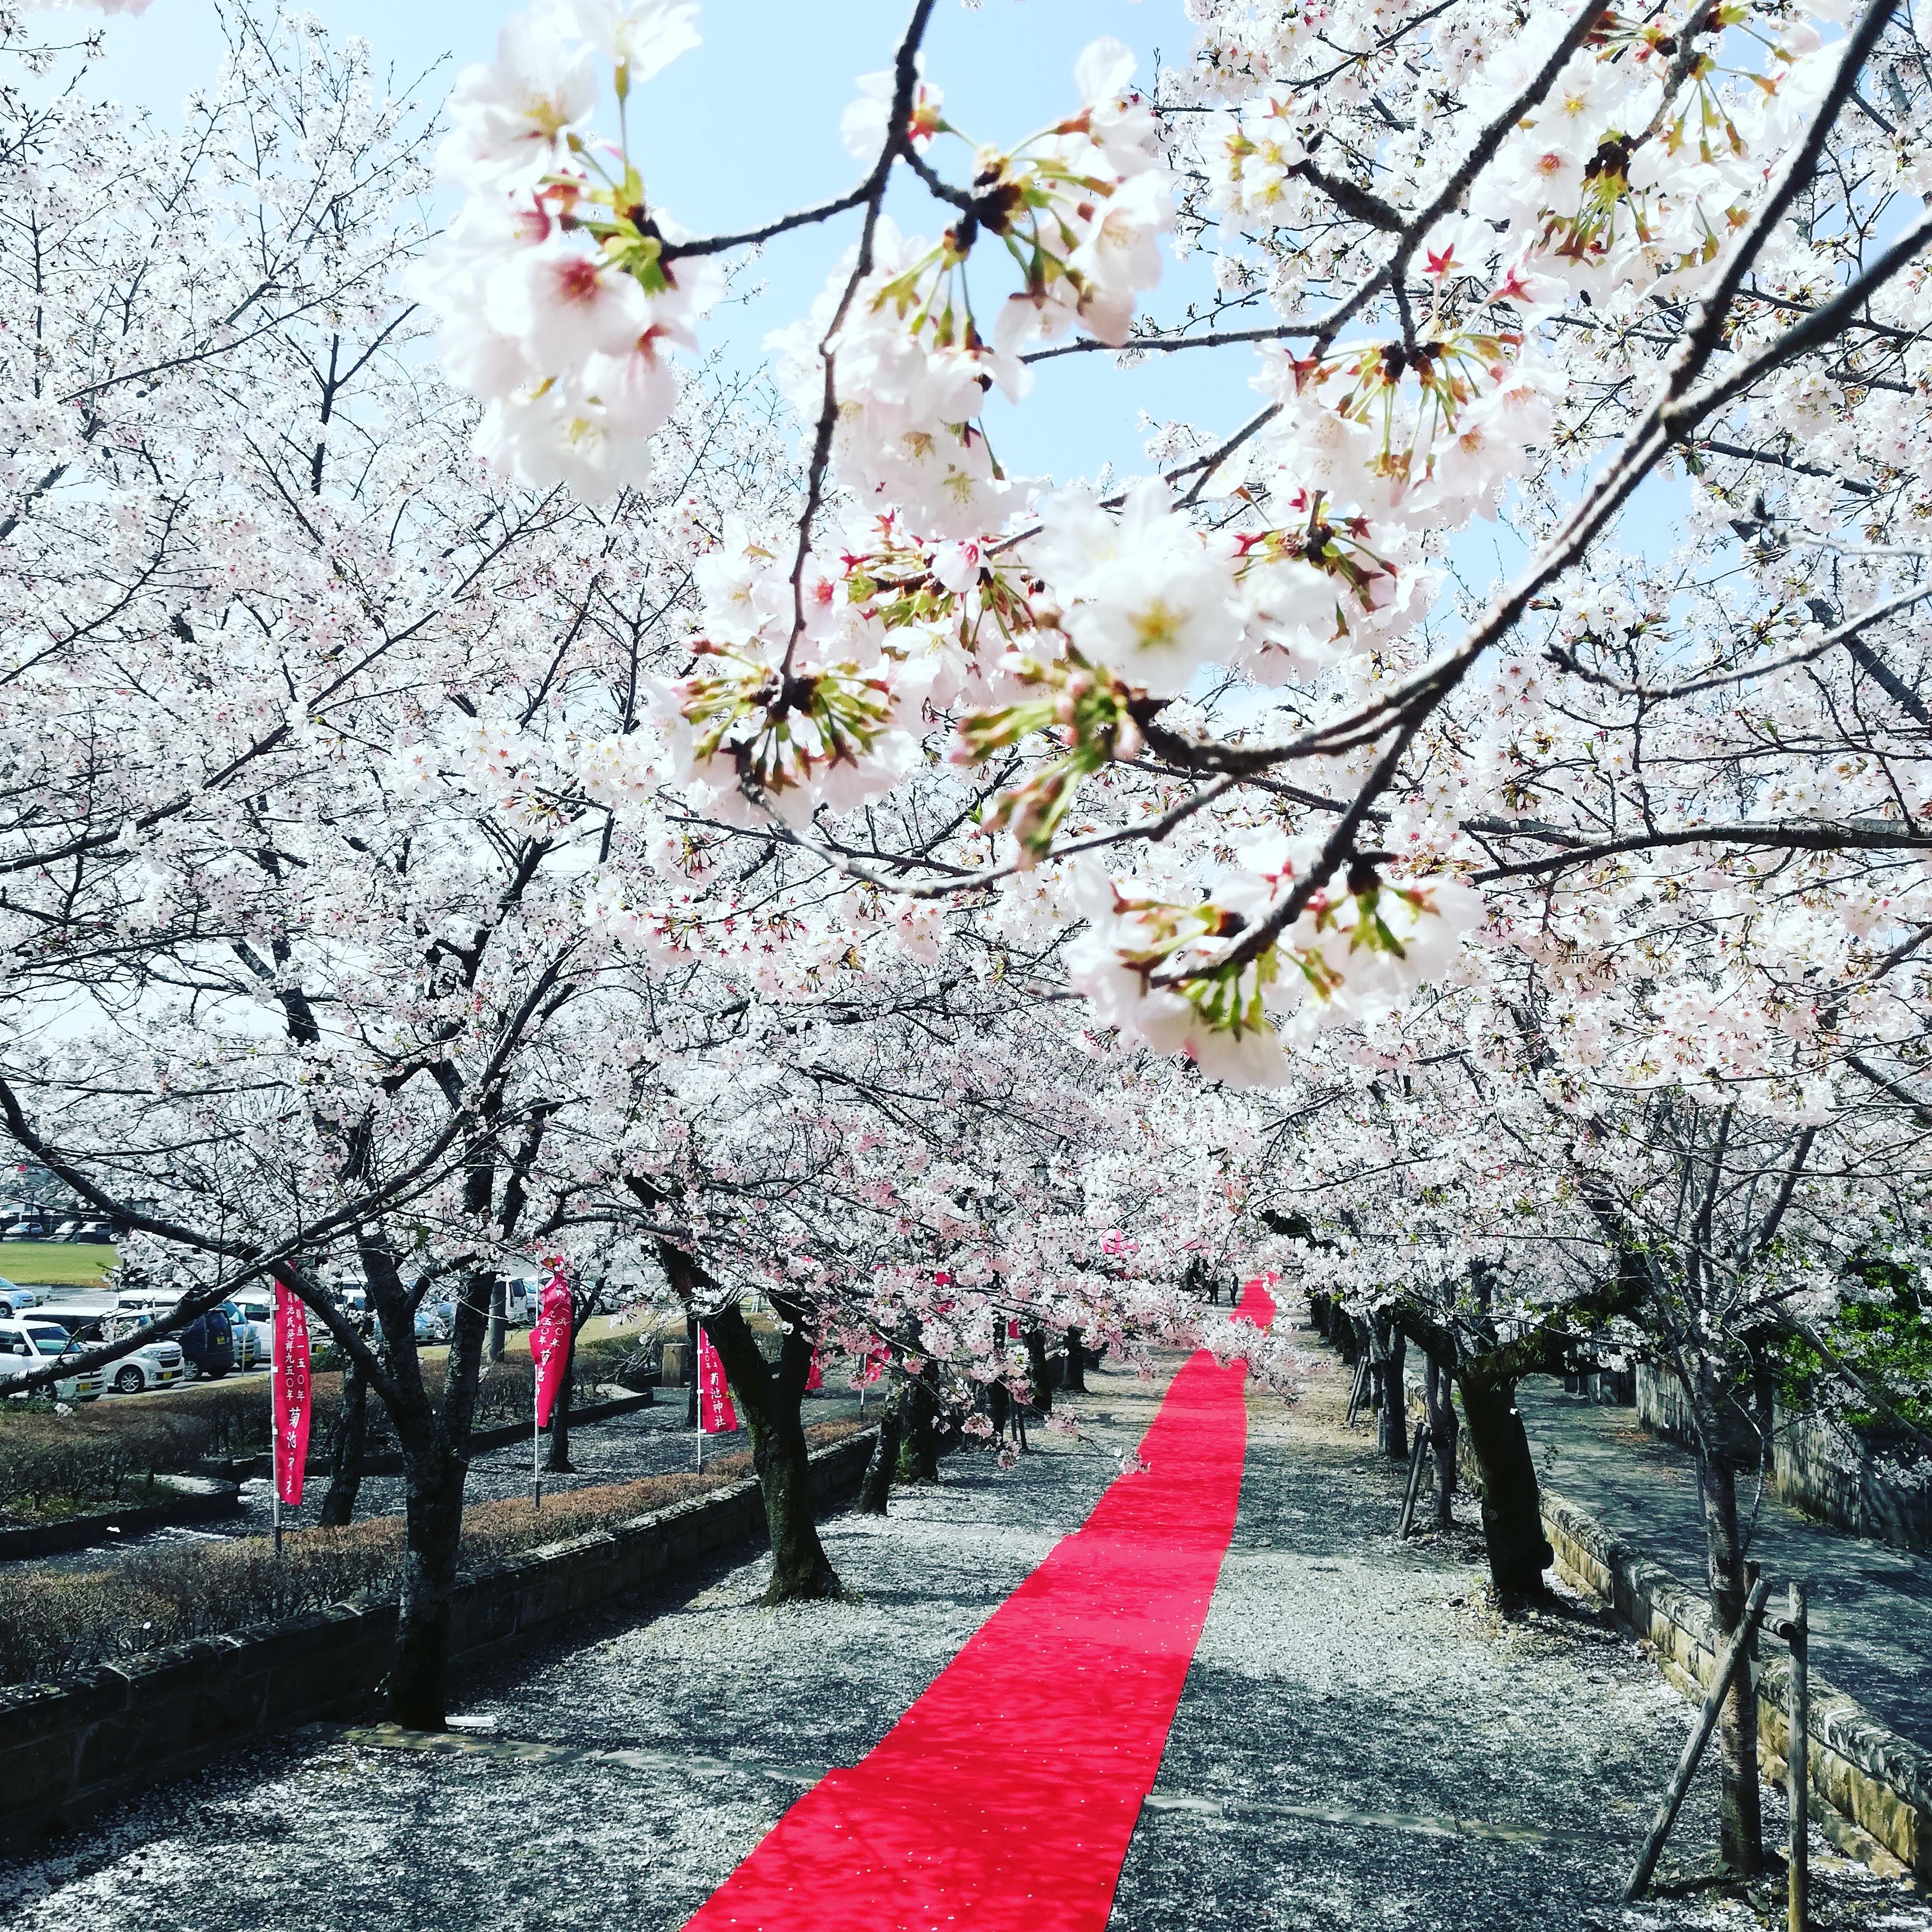 菊池公園の桜🌸 パート2